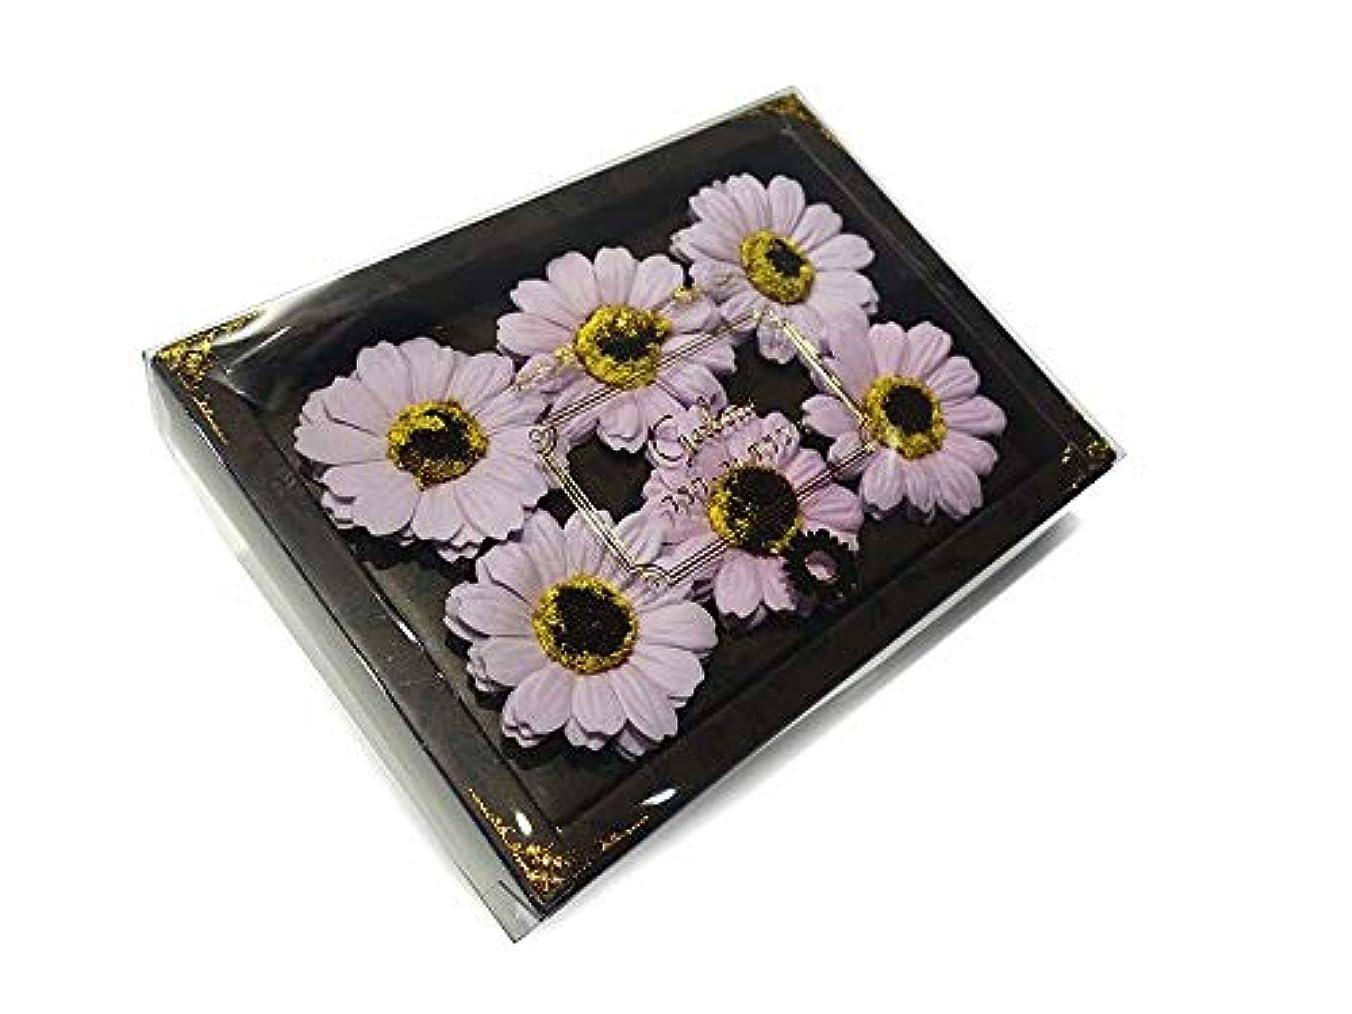 国際探偵いたずらな花のカタチの入浴剤 ガーベラ バスフレグランス フラワーフレグランス バスフラワー (ライトパープル)